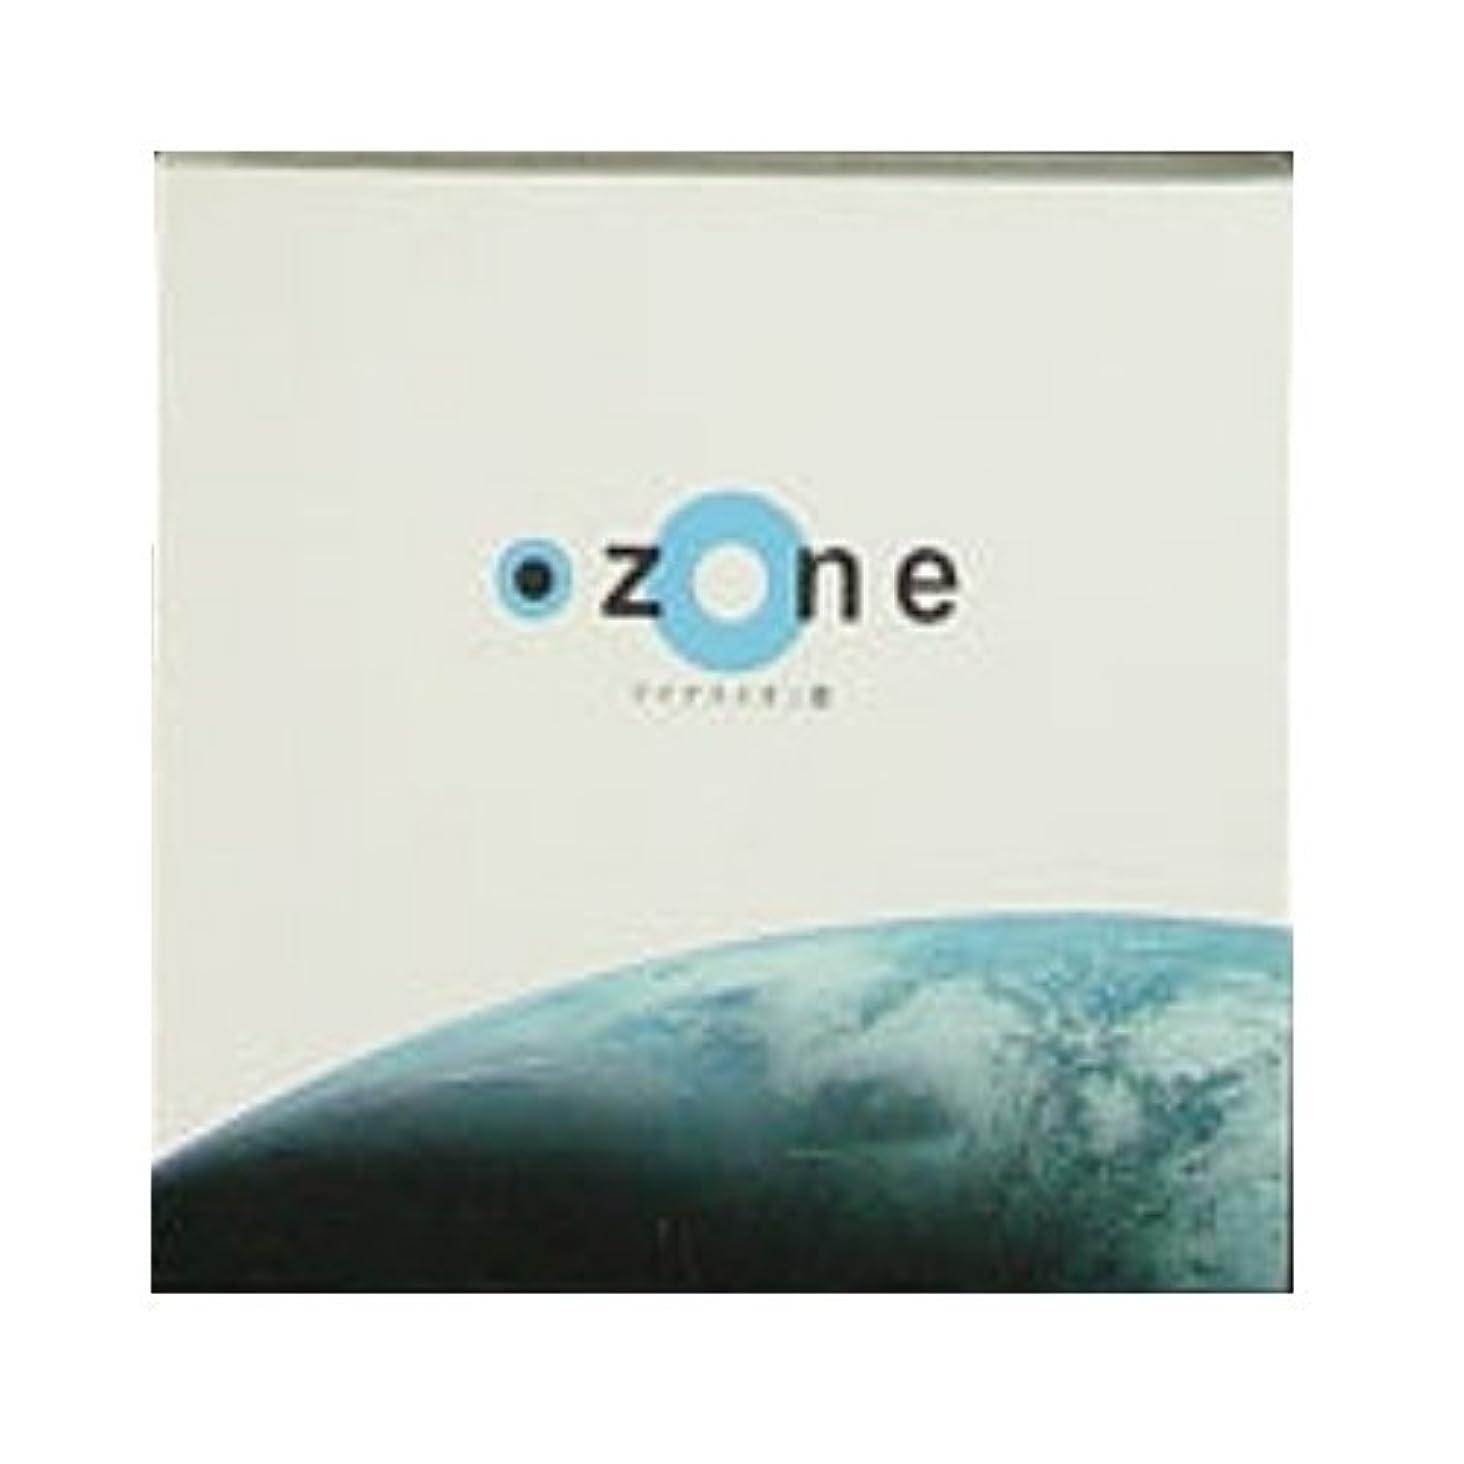 基礎裁判官赤悠々庵 OZONE 箱型 ウルトラマリン